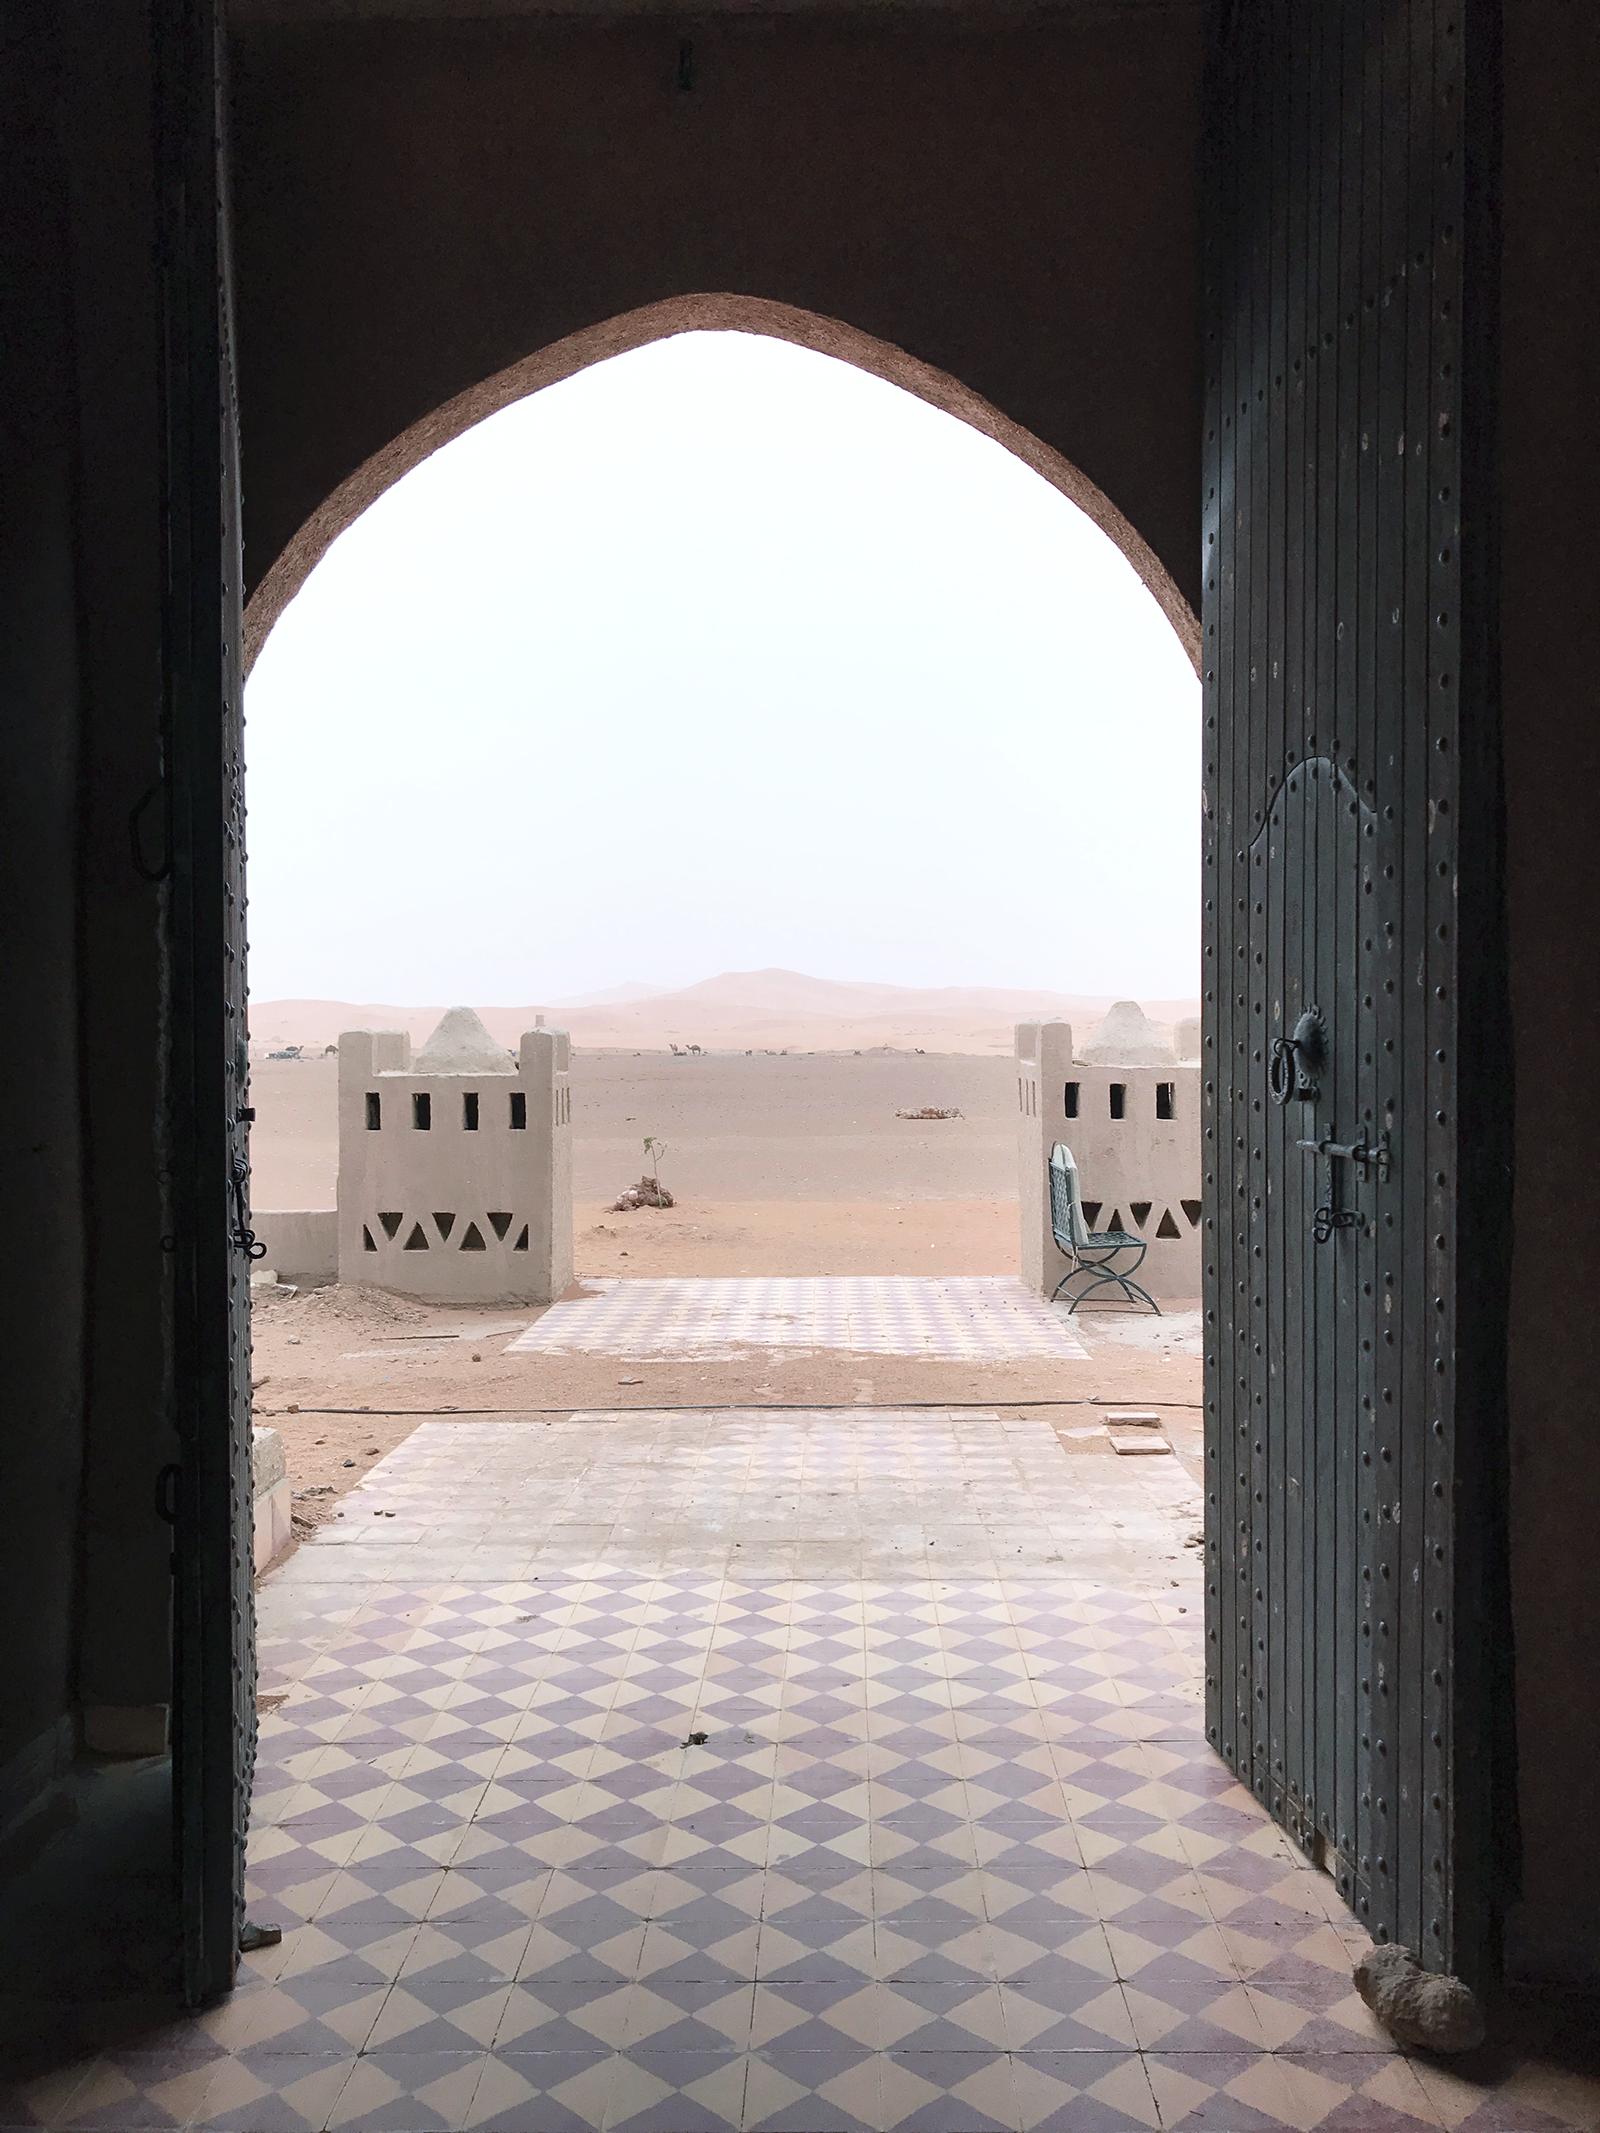 Endless Sahara Desert | Merzouga, Morocco